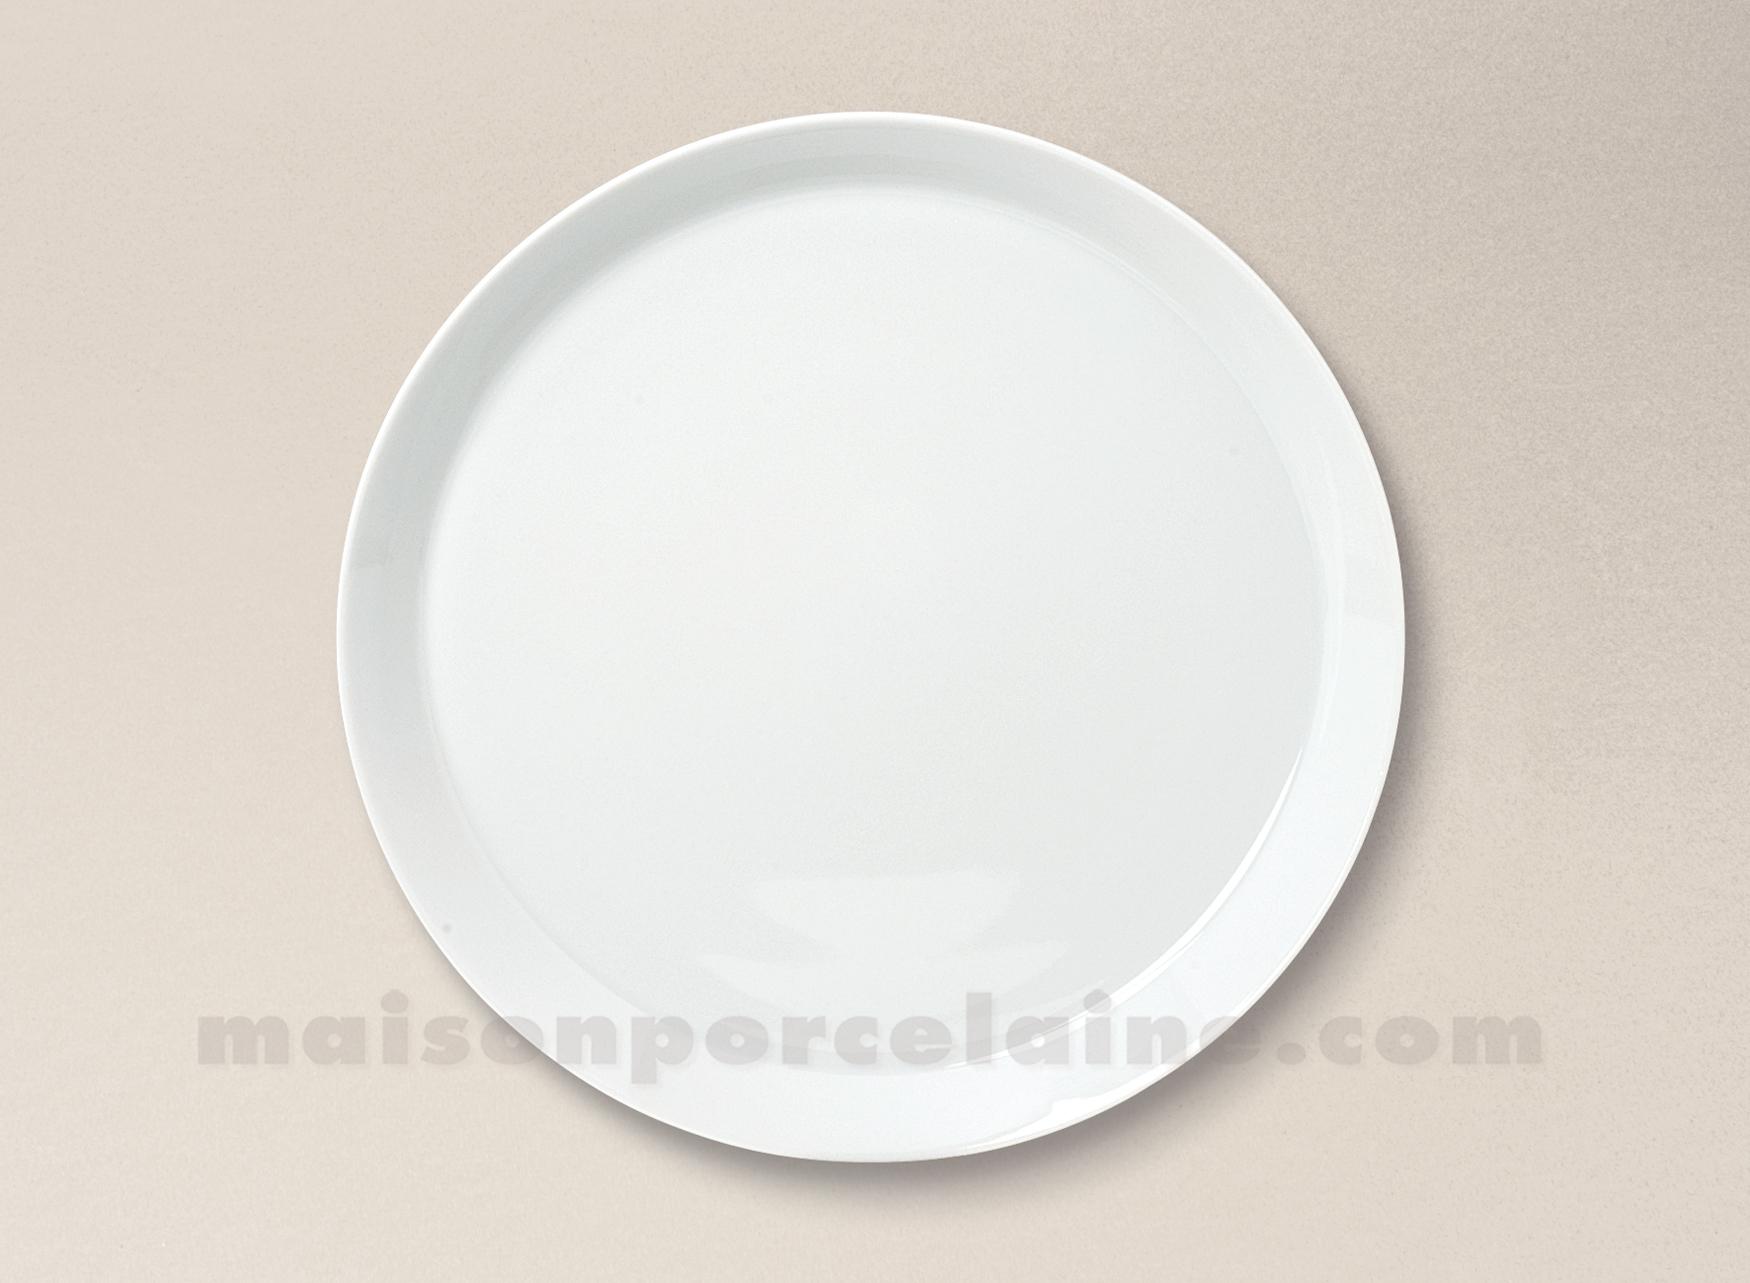 assiette dessert porcelaine blanche trendy d22 maison de. Black Bedroom Furniture Sets. Home Design Ideas